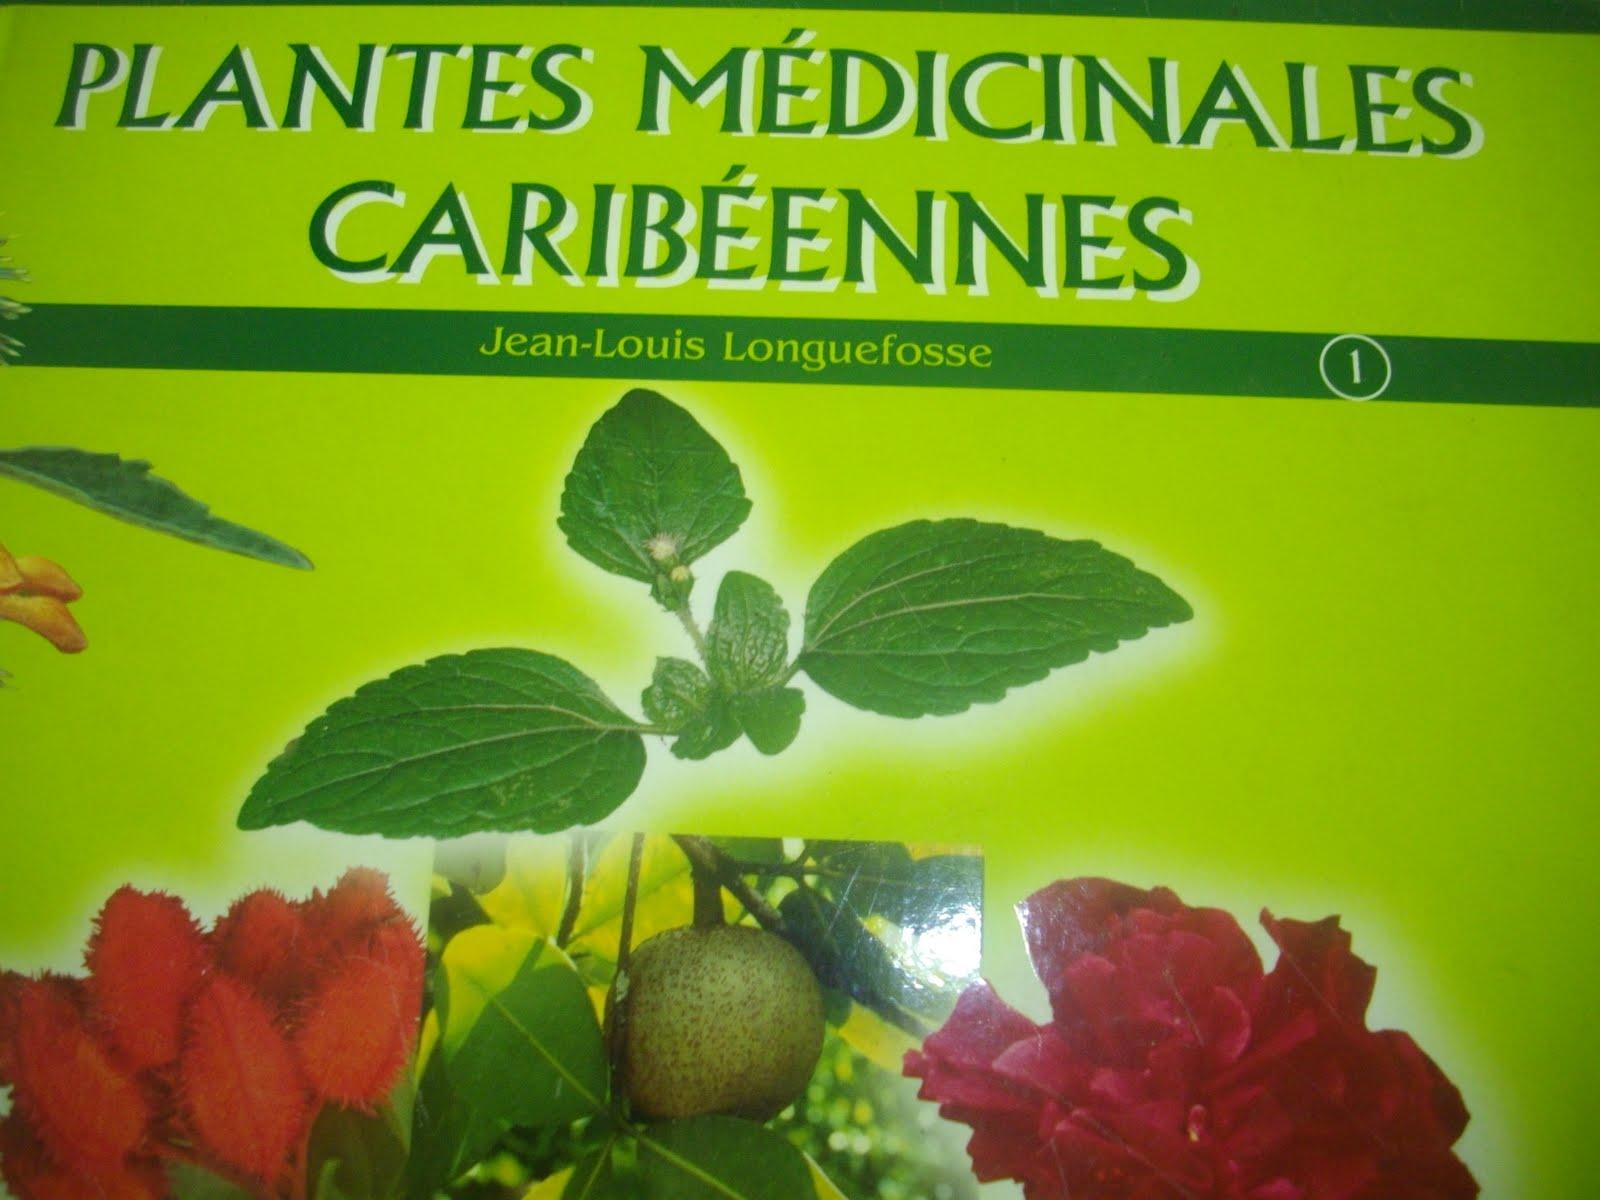 le jardin creole comment utiliser les plantes medicinales manni zot pe s vi se rimed razie a. Black Bedroom Furniture Sets. Home Design Ideas